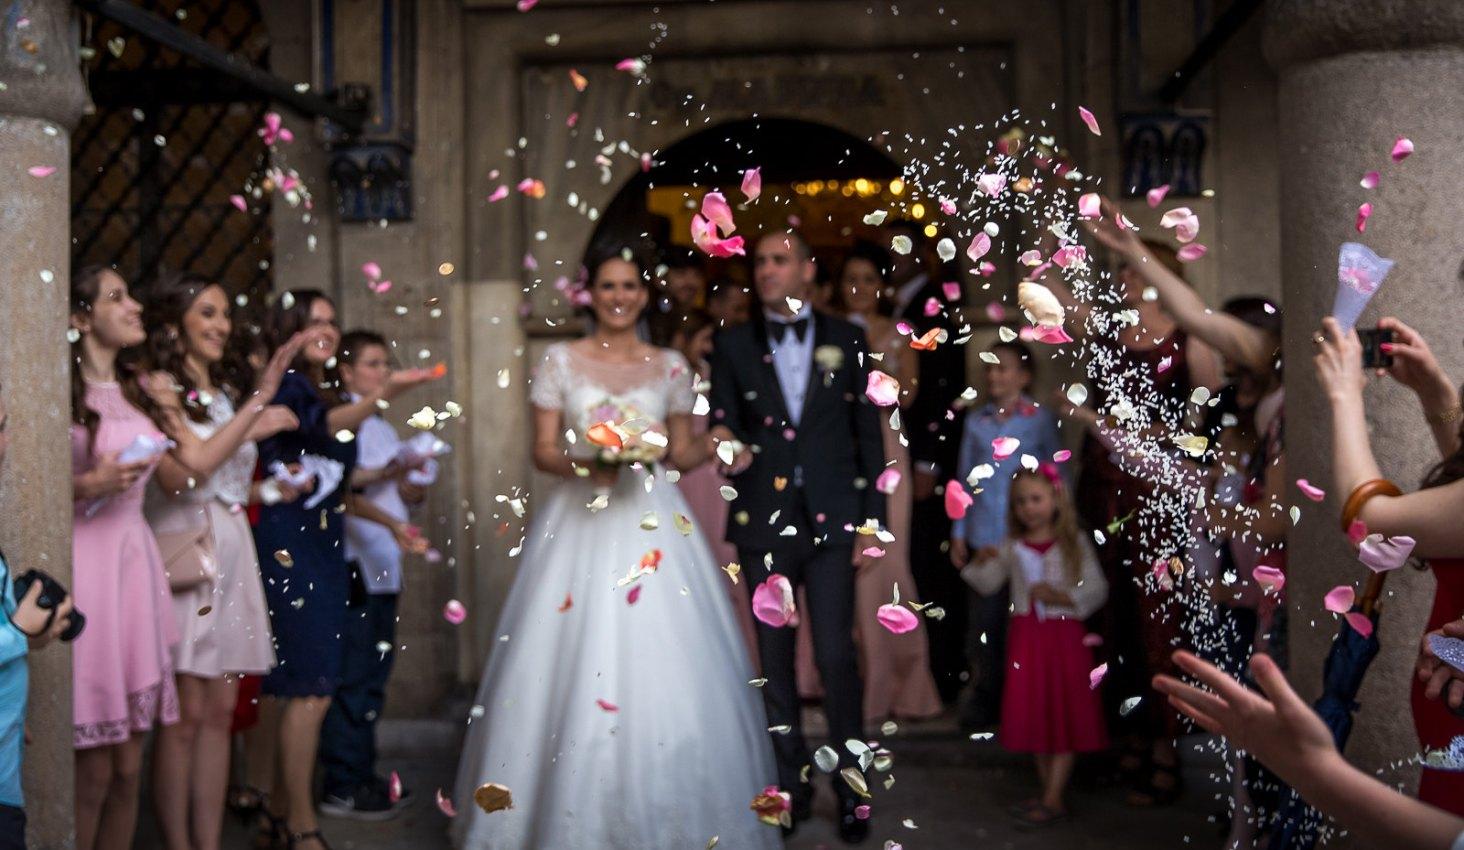 3 част - Венчавка и ритуал